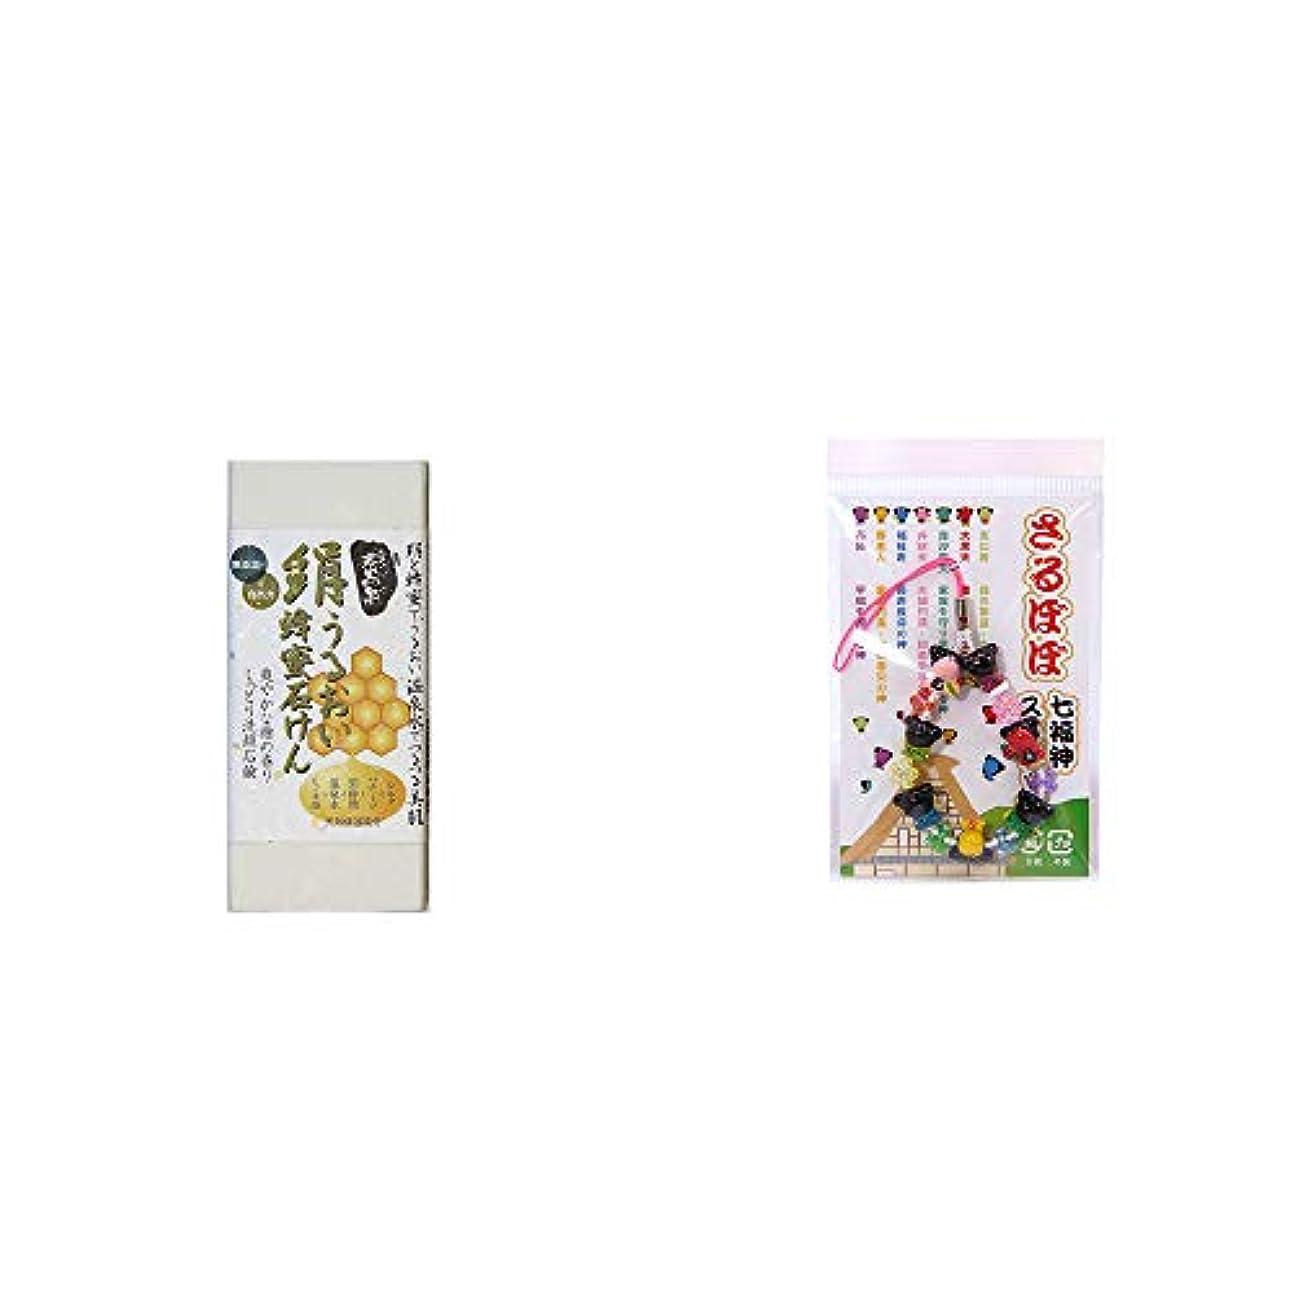 畝間邪魔台風[2点セット] ひのき炭黒泉 絹うるおい蜂蜜石けん(75g×2)?さるぼぼ七福神ストラップ/縁結び?魔除け //